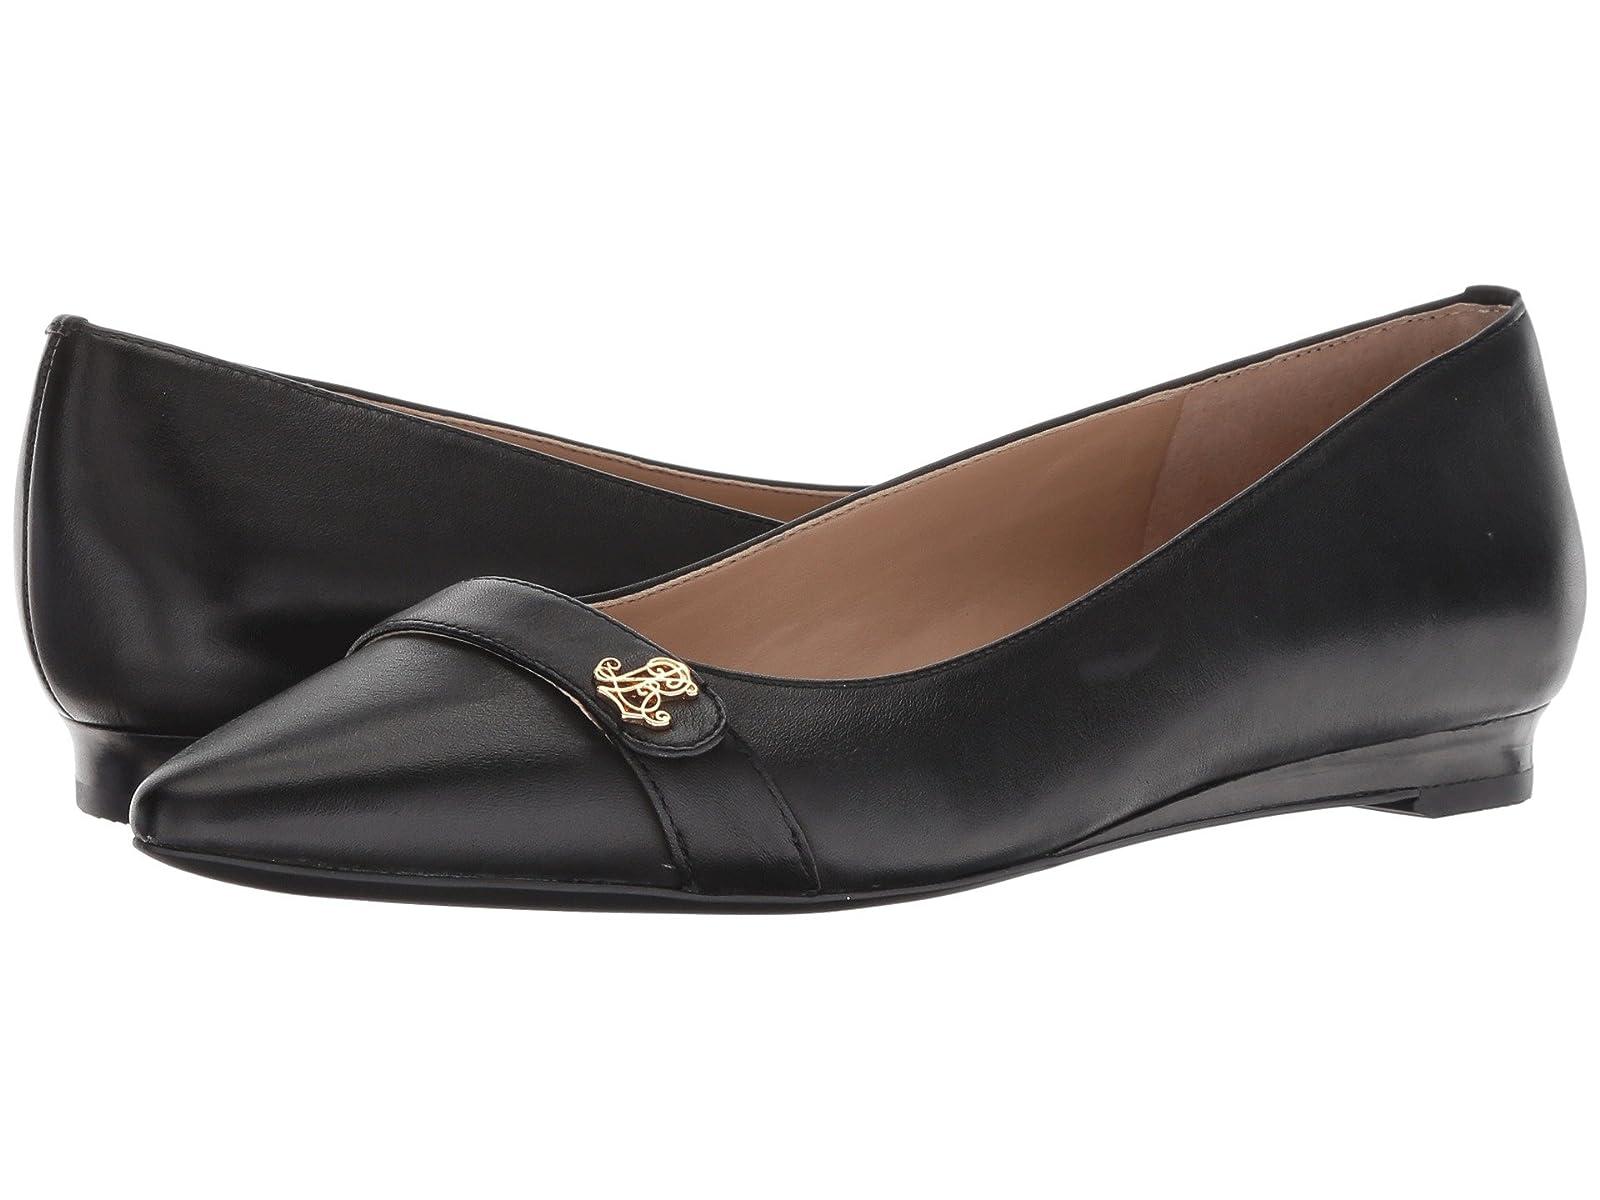 LAUREN Ralph Lauren AminahAtmospheric grades have affordable shoes